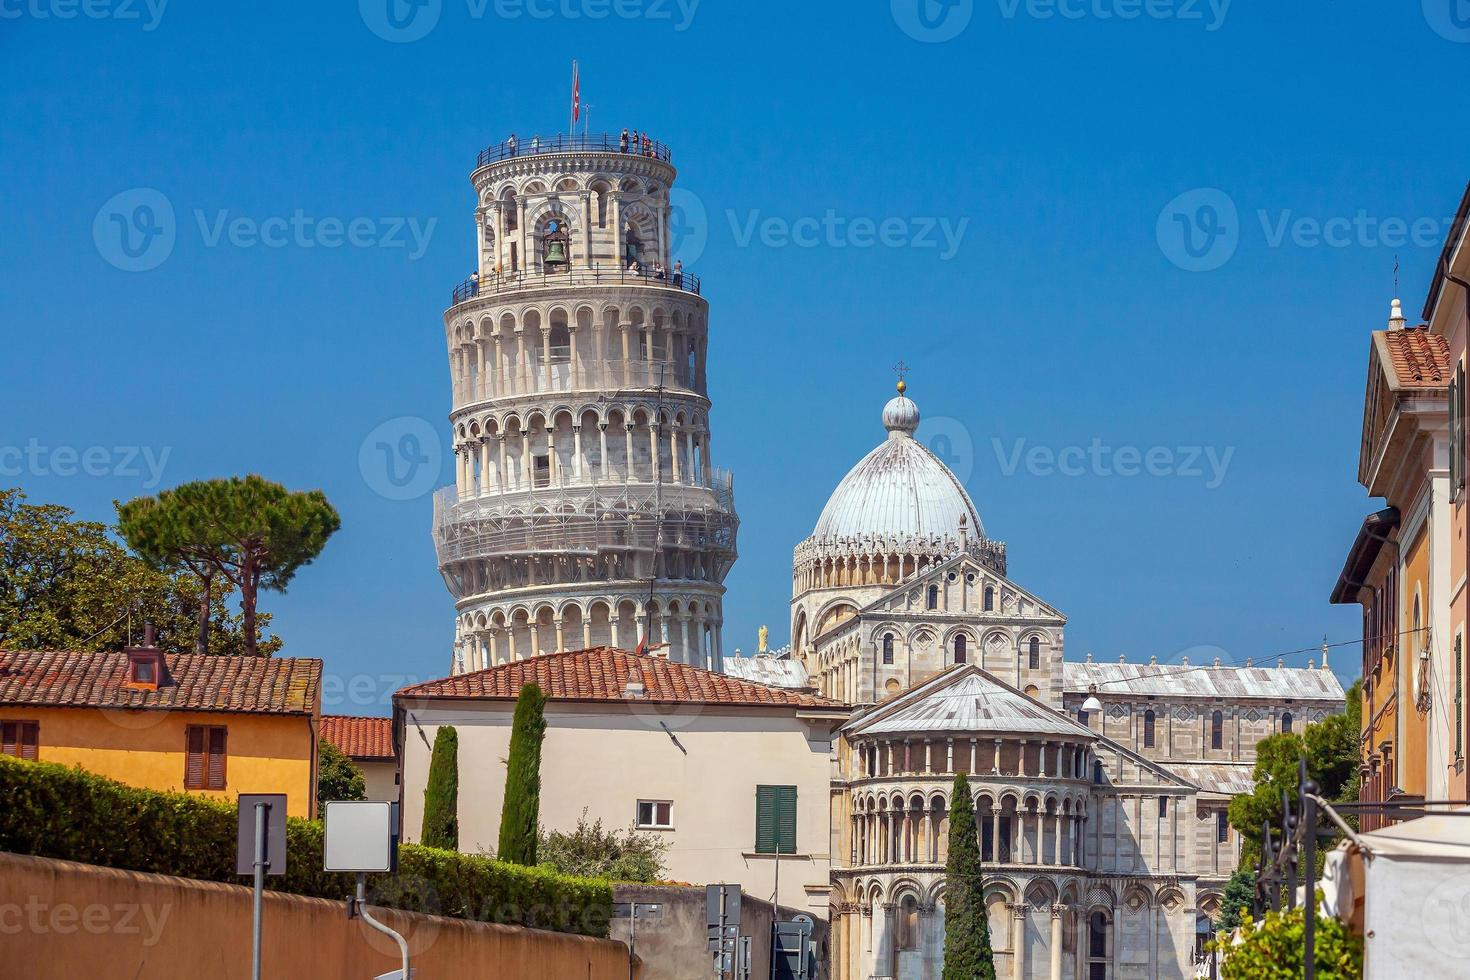 la torre pendente, paesaggio urbano di skyline del centro città di pisa in italia foto